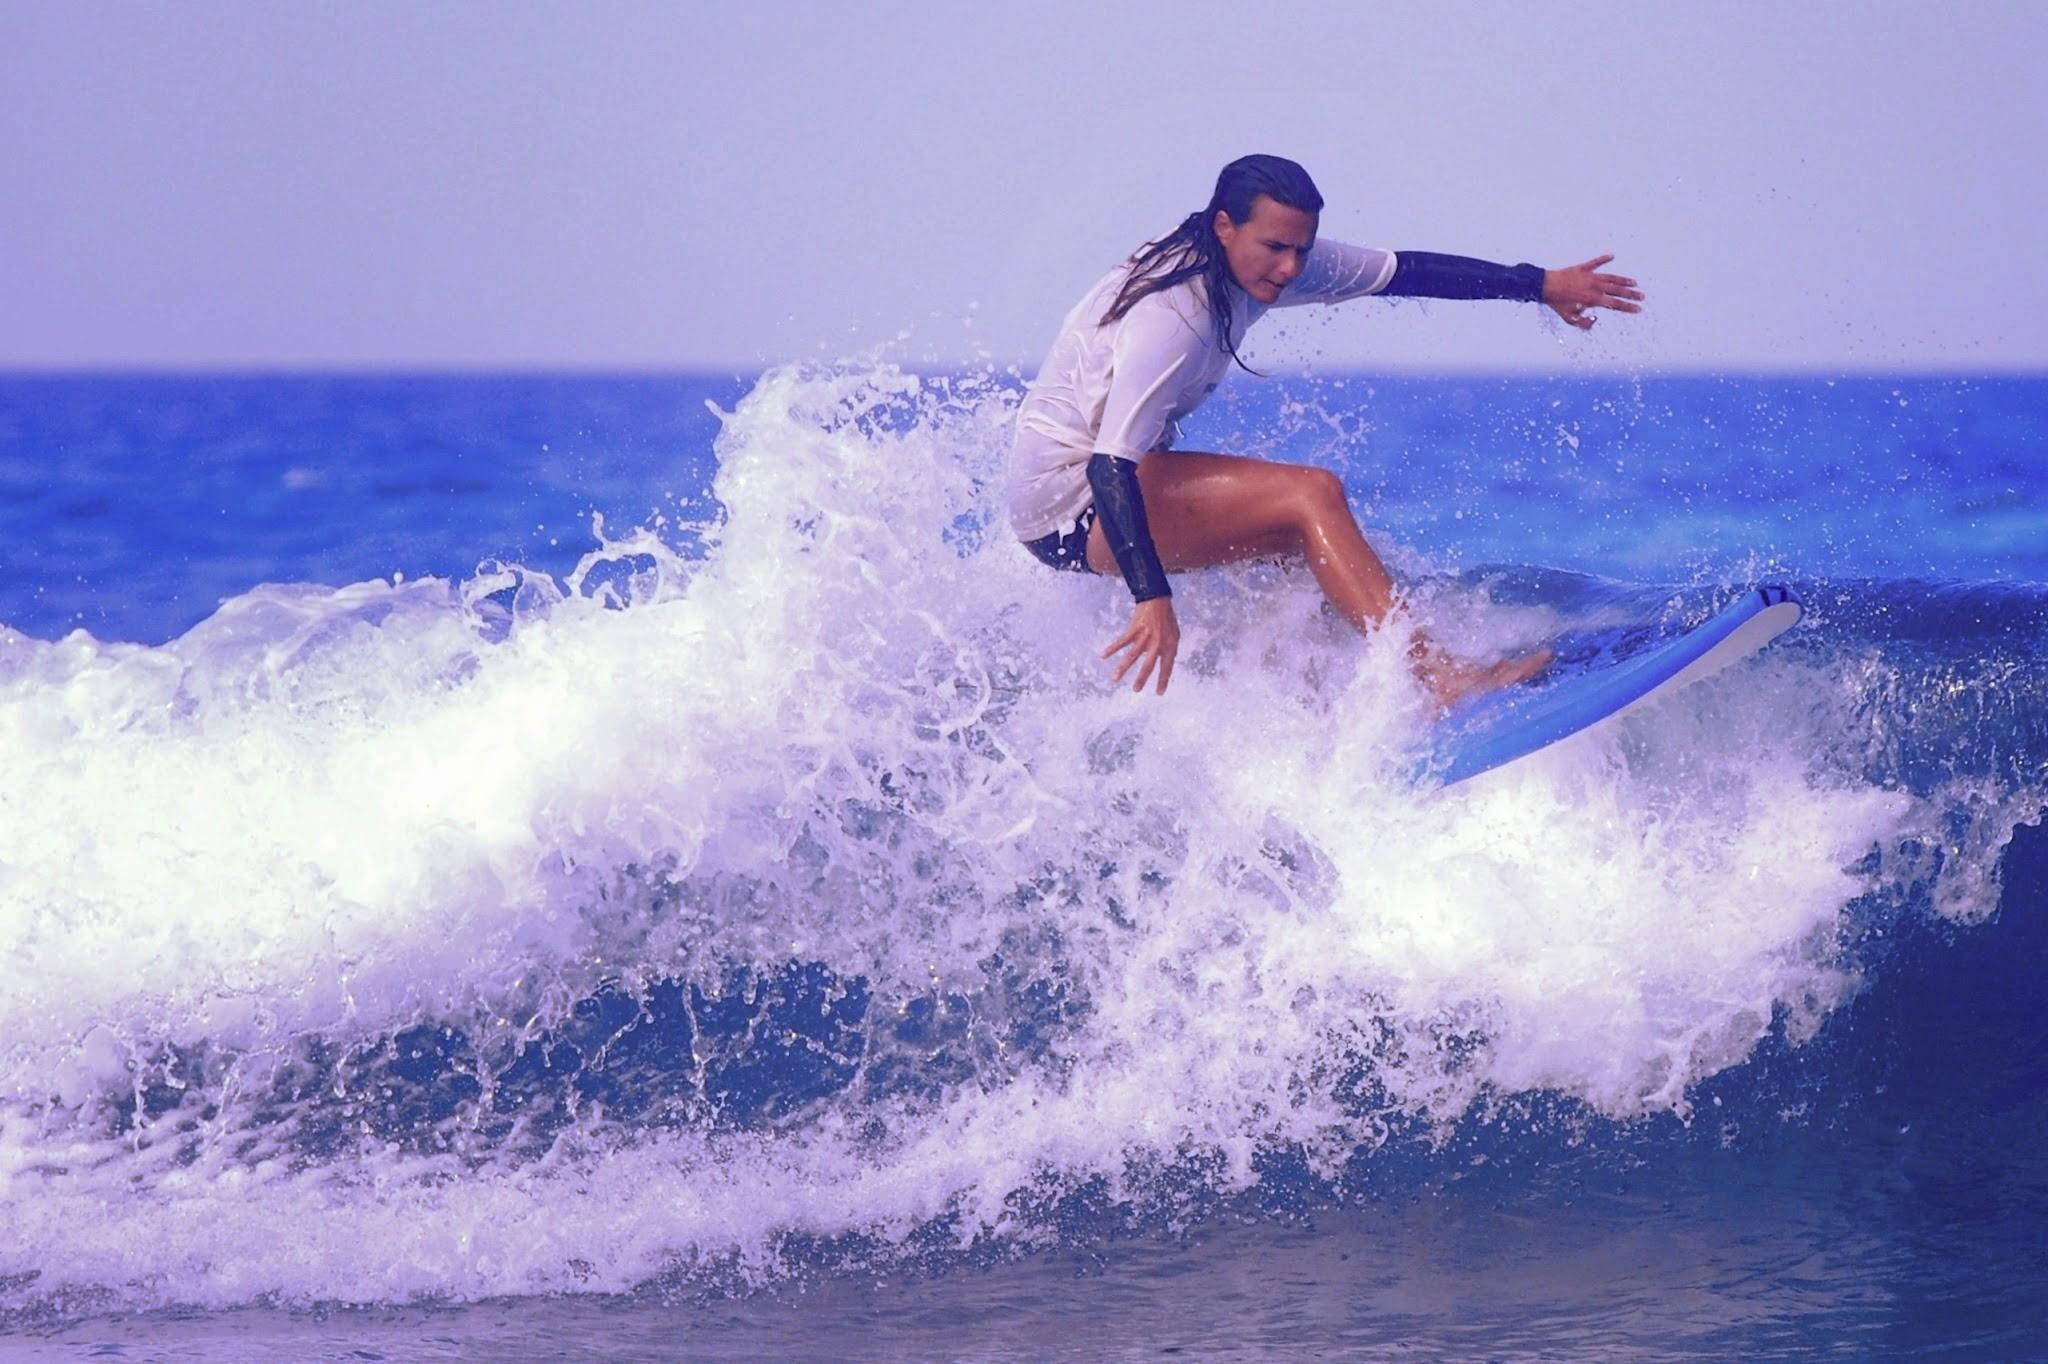 pili surf cotillo corchopan.JPG